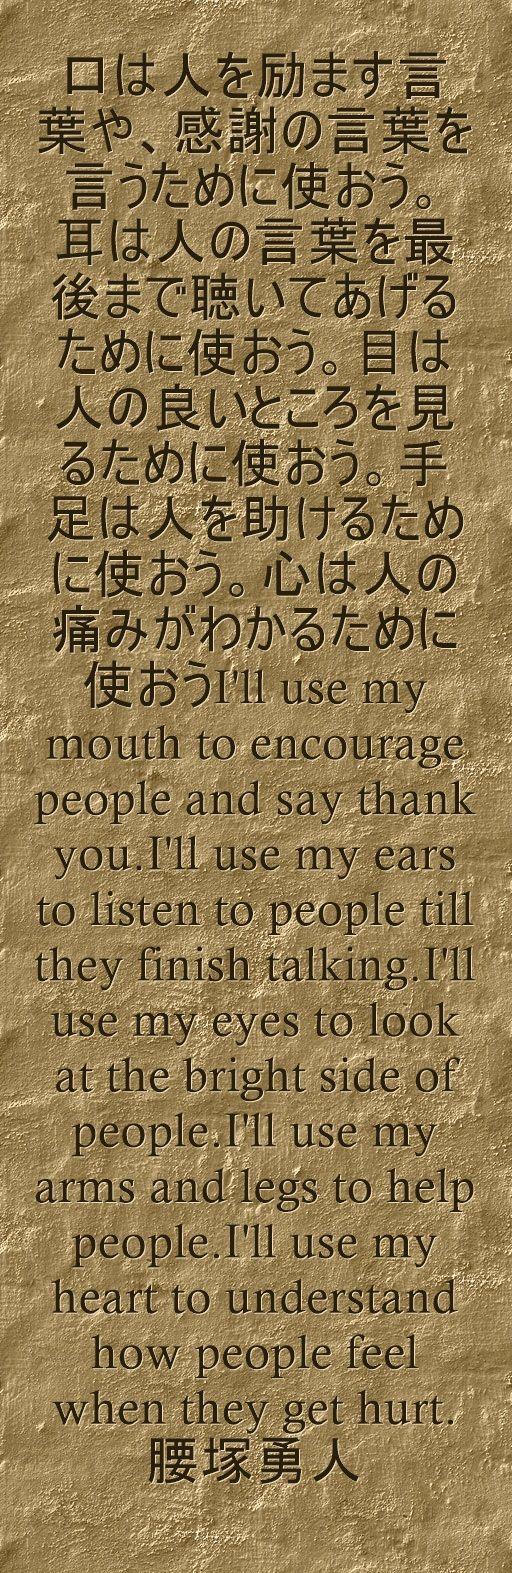 口は人を励ます言葉や、感謝の言葉を言うために使おう。 耳は人の言葉を最後まで聴いてあげるために使おう。目は人の良いところを見るため...